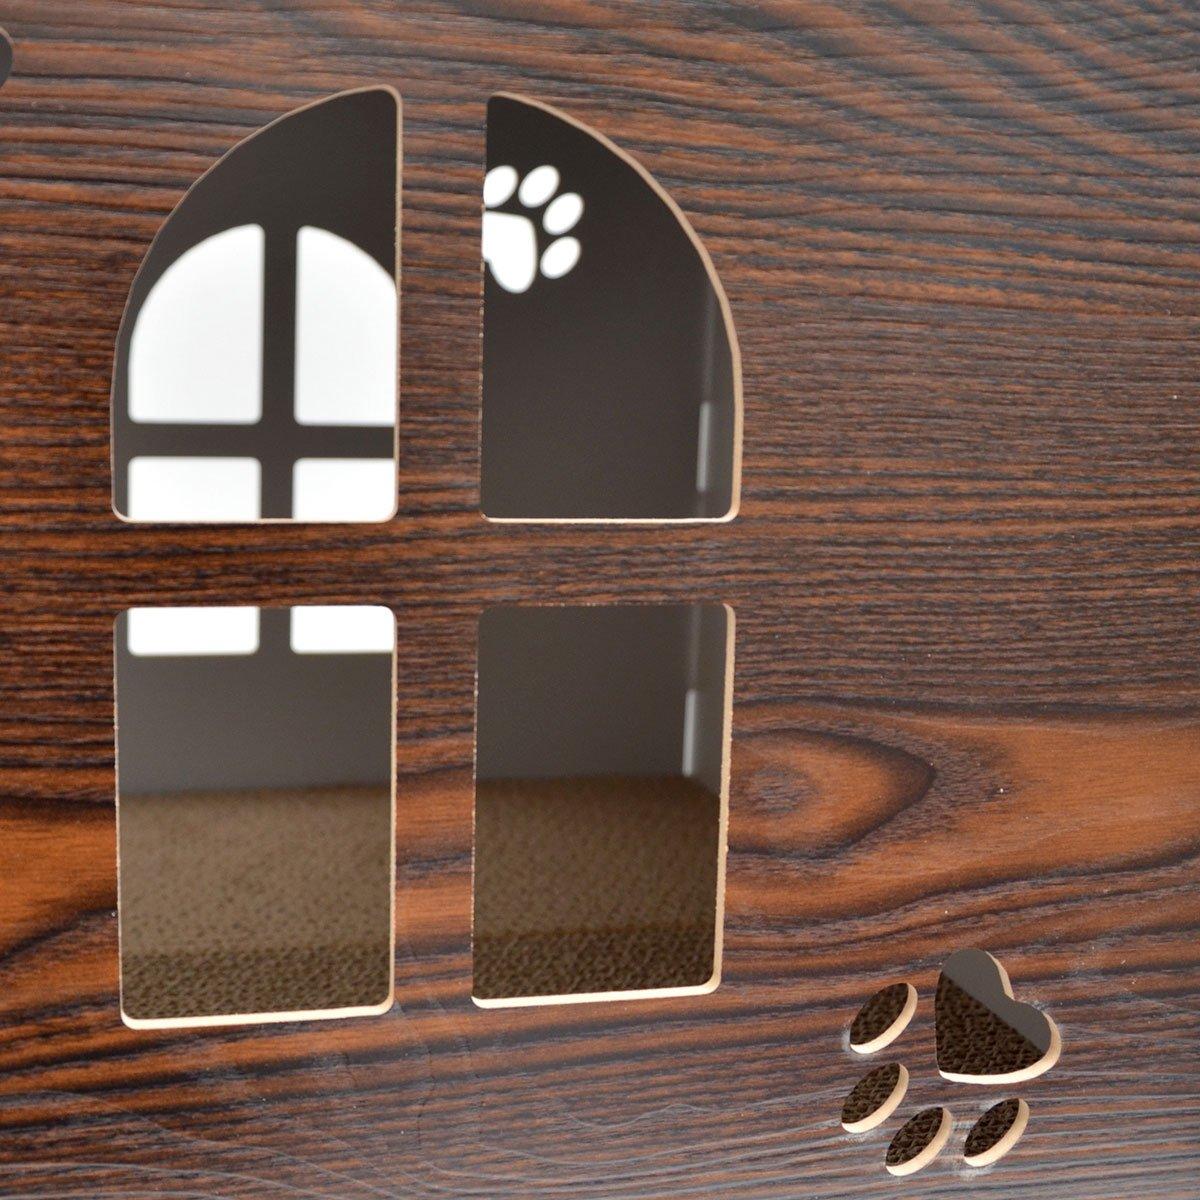 eyepower Cama para Gato 46x46x46cm talla grande L caja cuadrada para mascota con tapa acolchada para sentarse reposapiés incl alfombra rascadora Marrón: ...